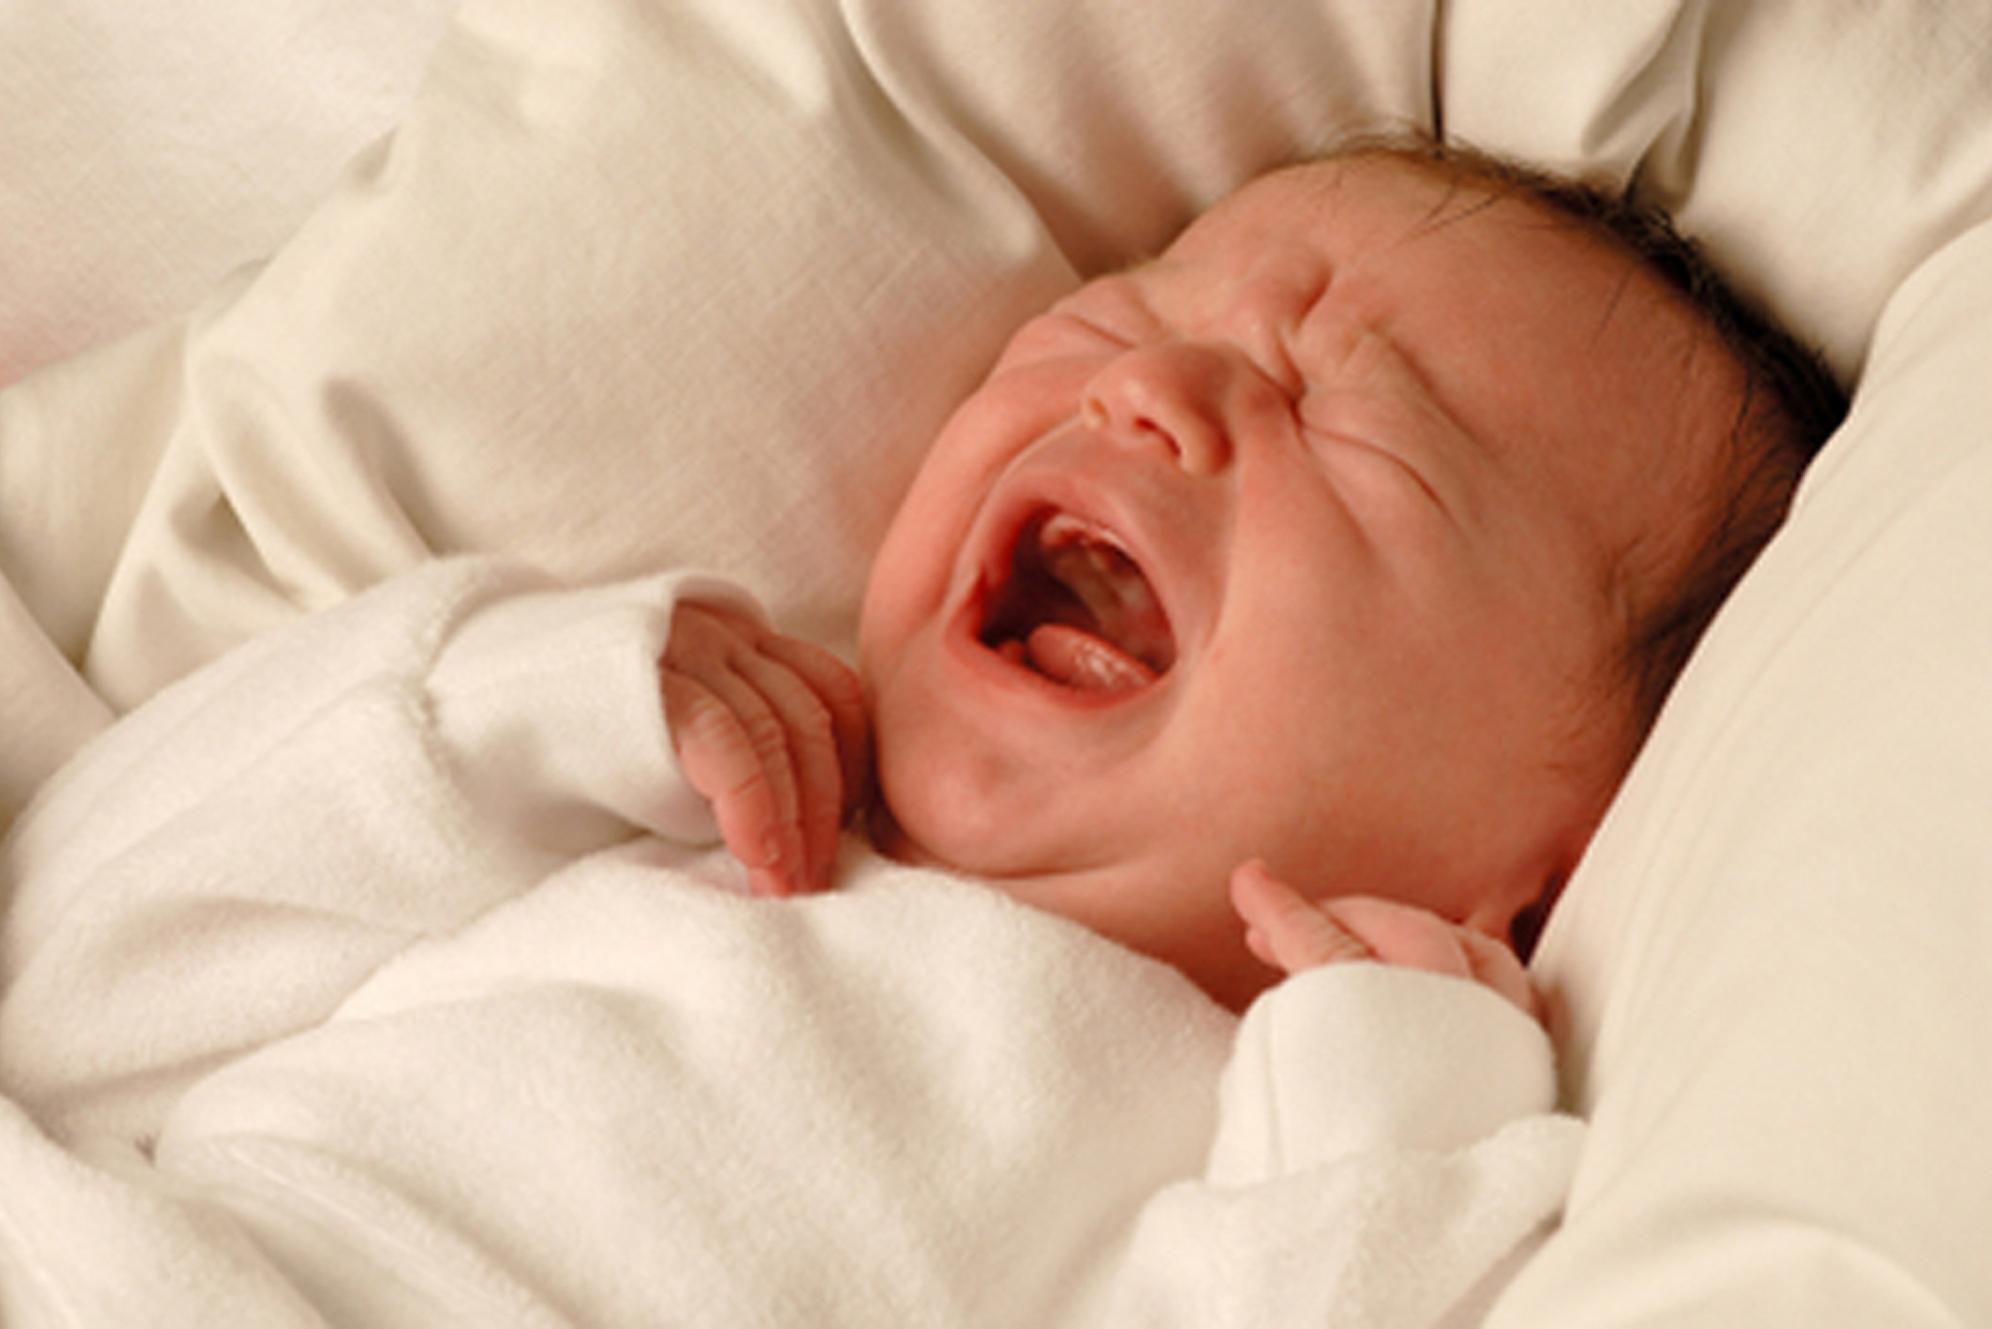 Диарея у месячного ребенка – тревожный симптом, который нельзя оставлять без внимания